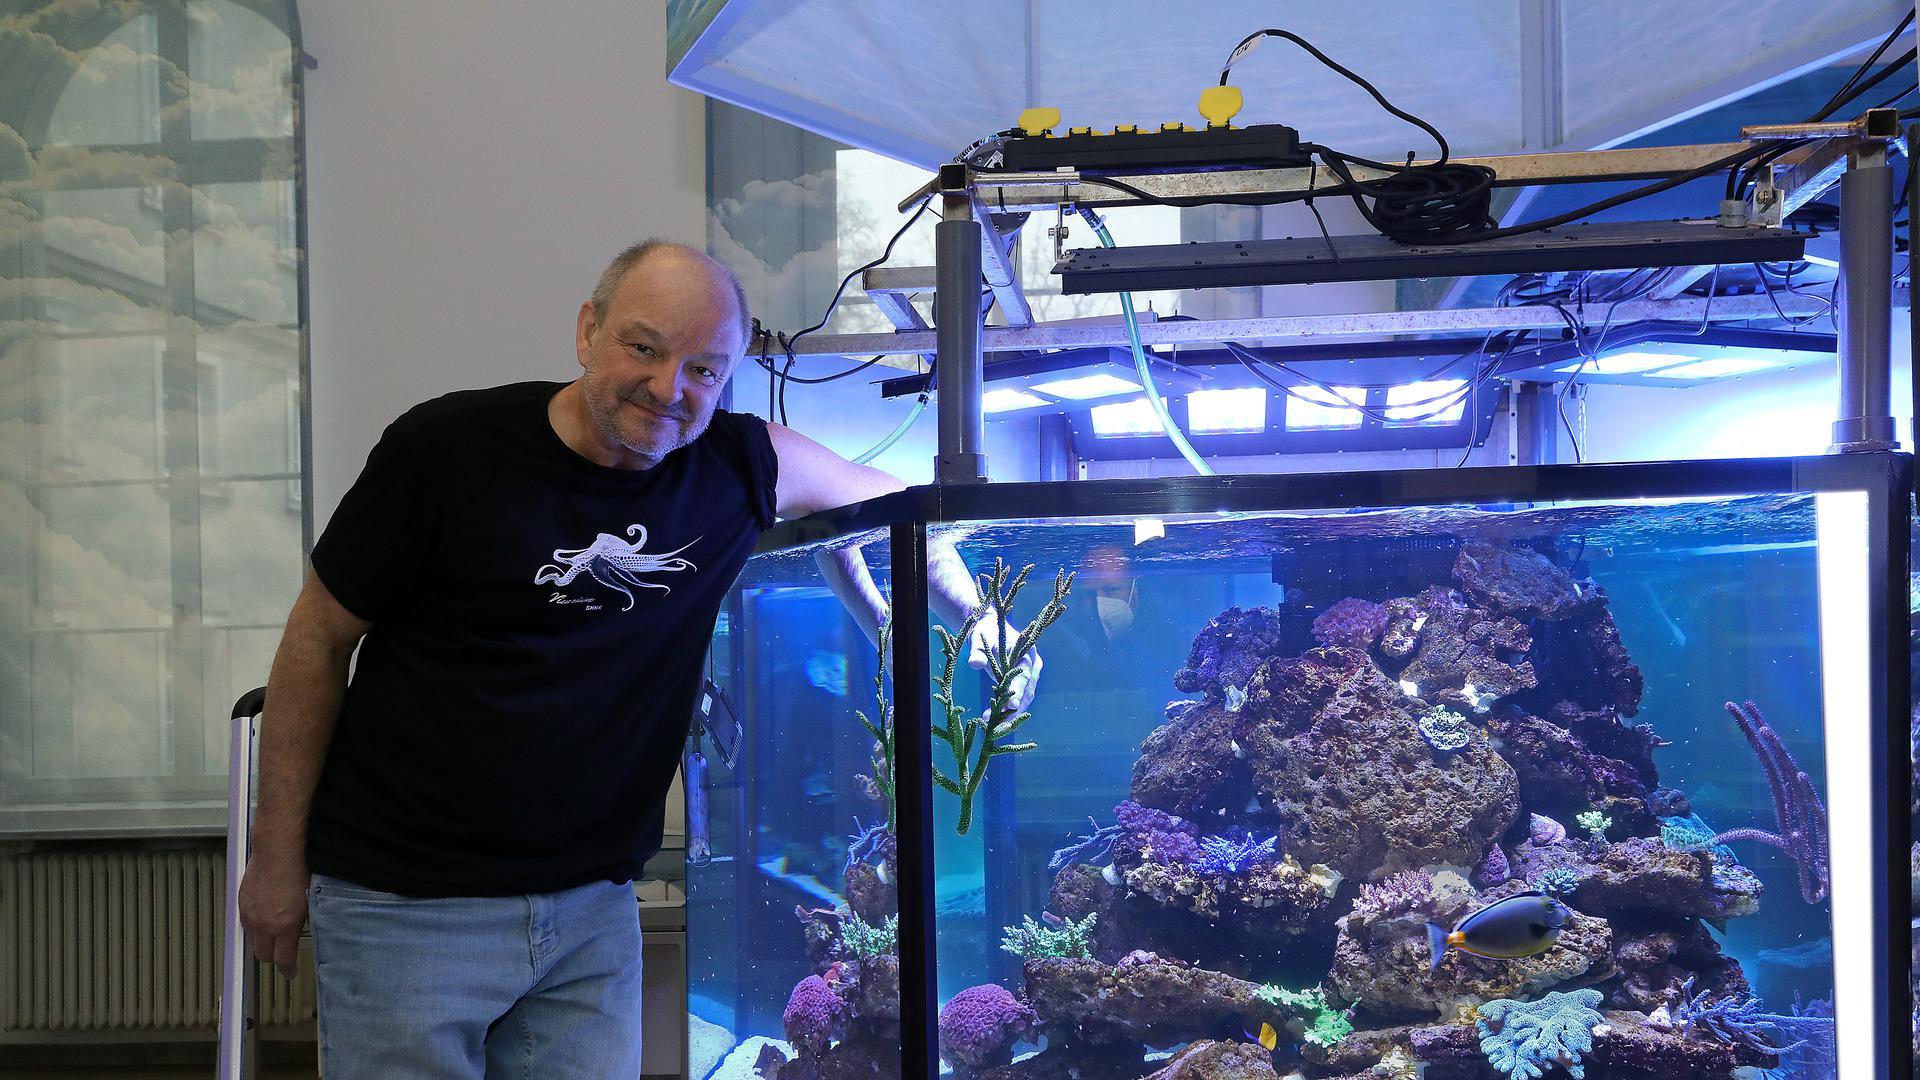 22.12.2020 Staatliches Naturkundemuseum Karlsruhe: Neues Sechseckbecken mit Korallen. Der Leiter des Vivariums, Hannes Kirchhauser, setzt eine Hirschgeweihkoralle ein.